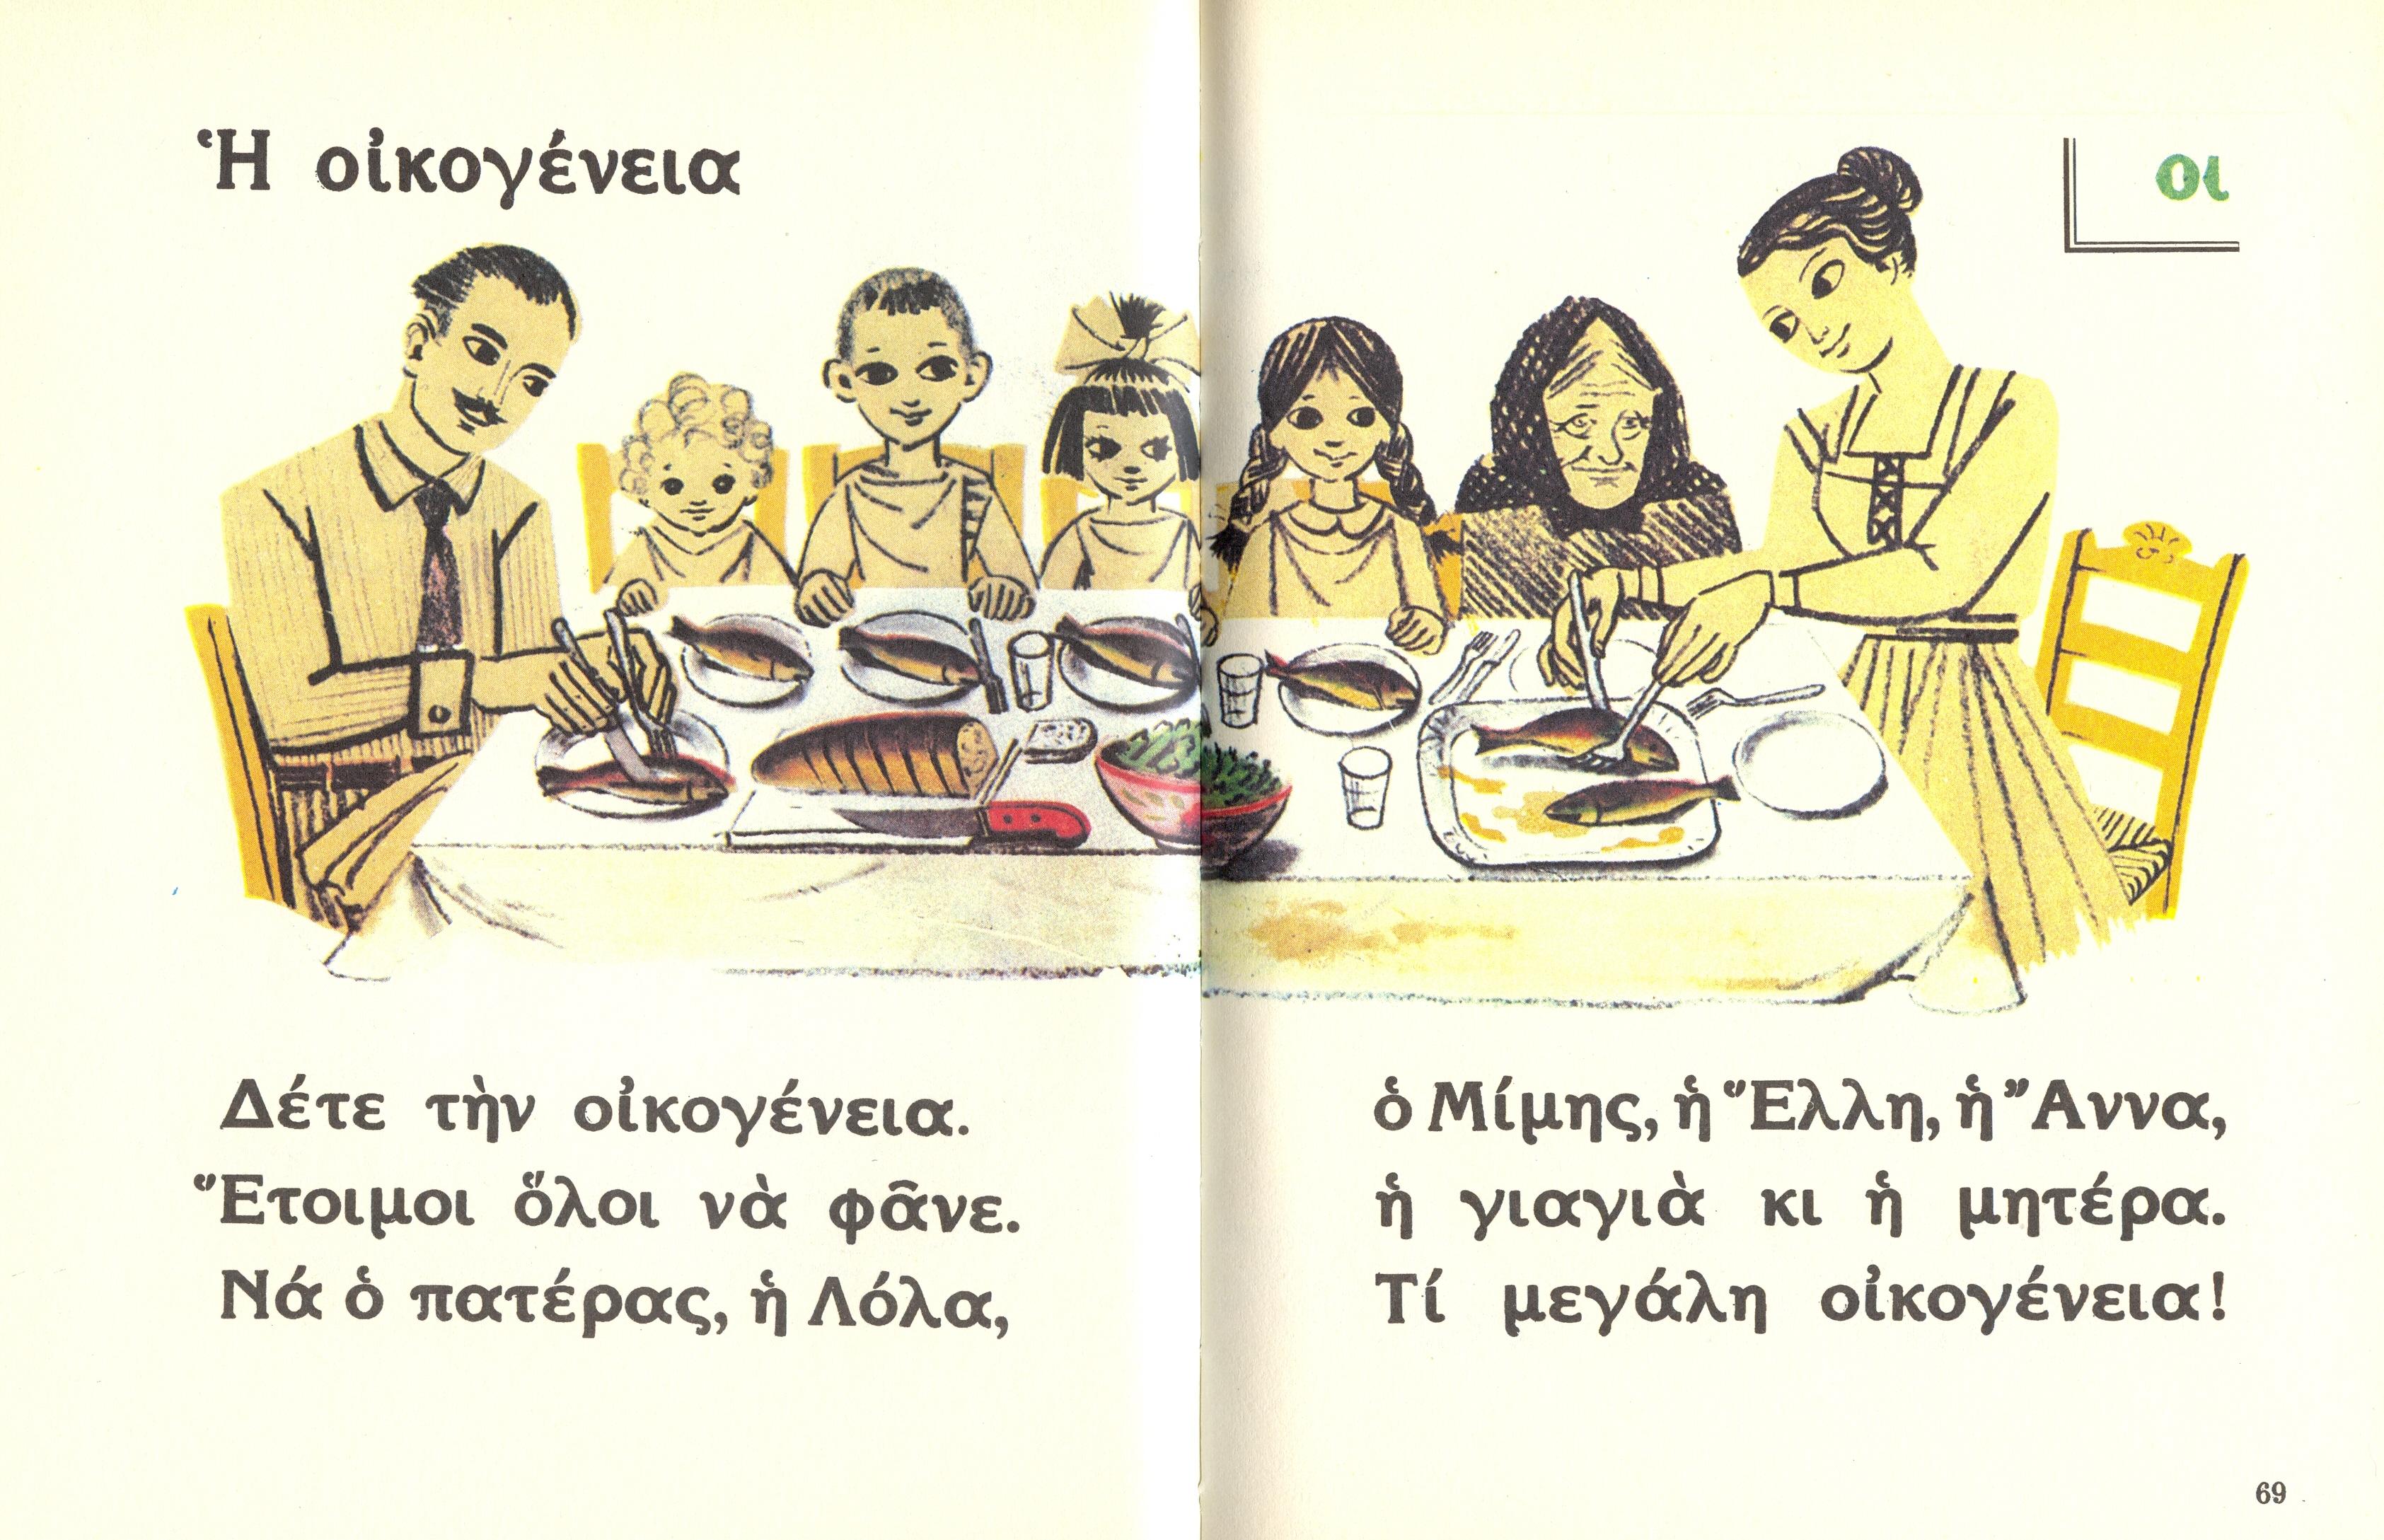 Αποτέλεσμα εικόνας για οικογένεια στα παλιά σχολικά βιβλία